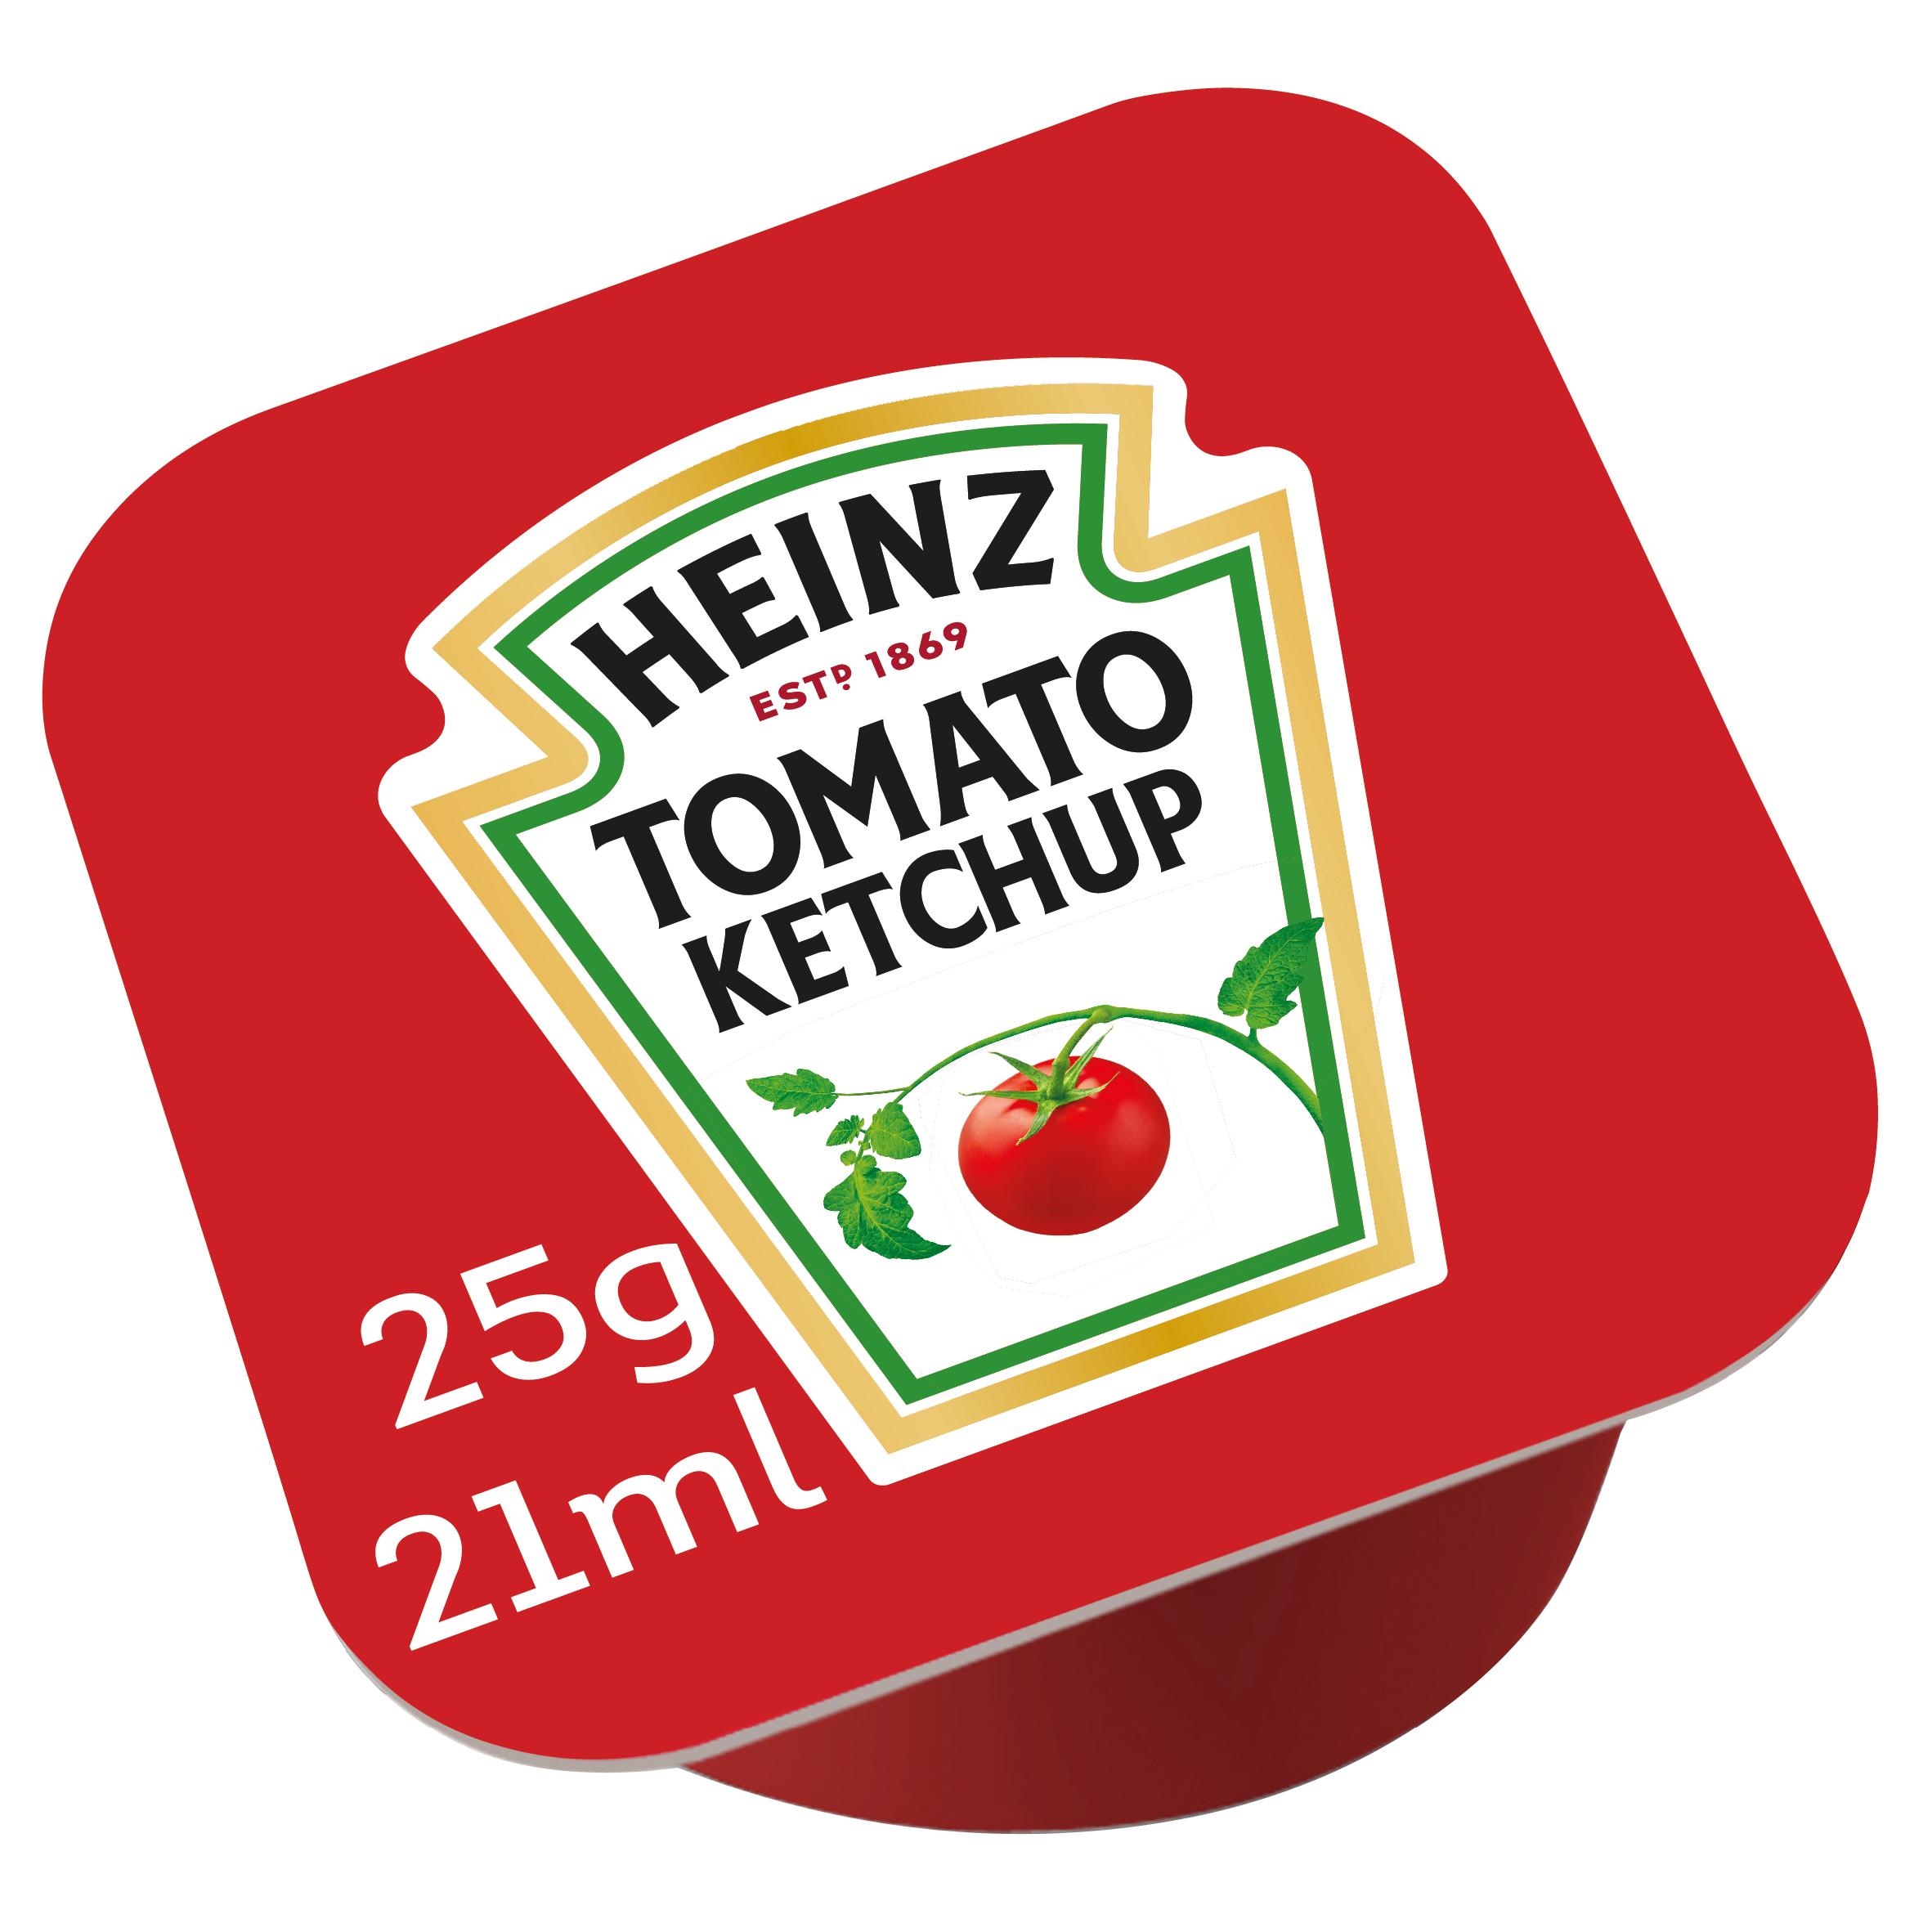 Heinz Tomato Ketchup 25ml dippot image